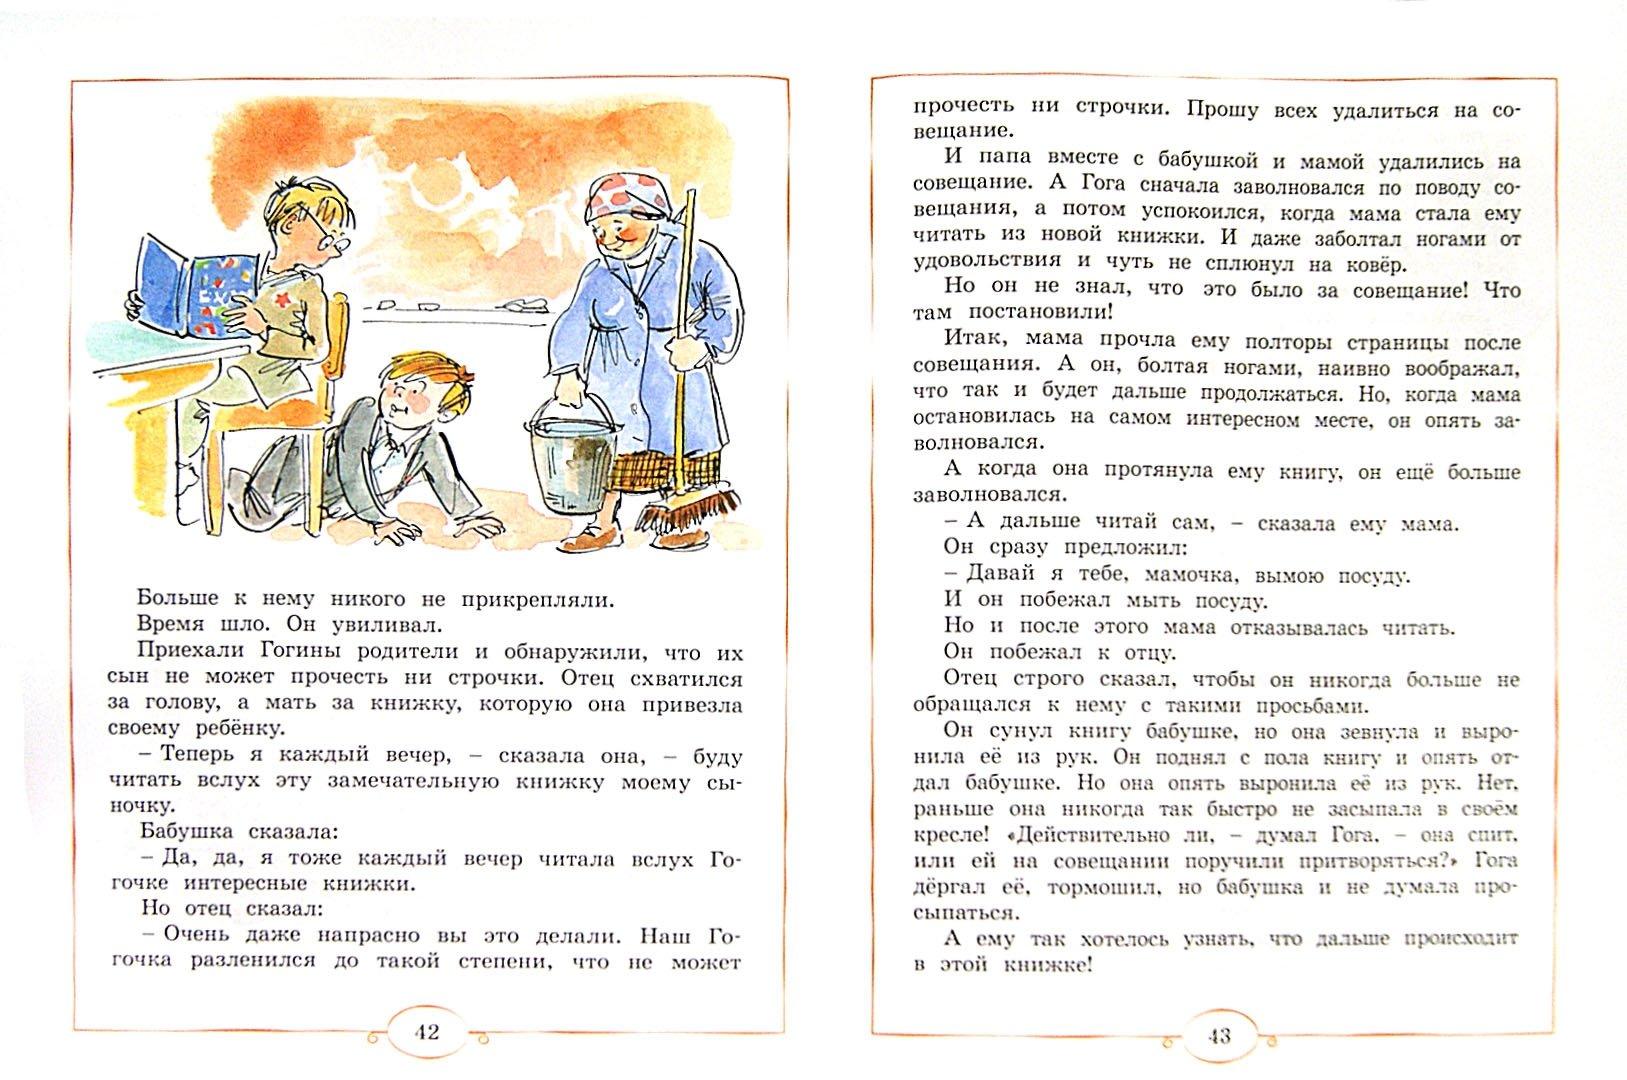 Иллюстрация 1 из 17 для Не пора ли на урок? Самые весёлые школьные истории - Пивоварова, Хармс, Голявкин, Драгунский | Лабиринт - книги. Источник: Лабиринт